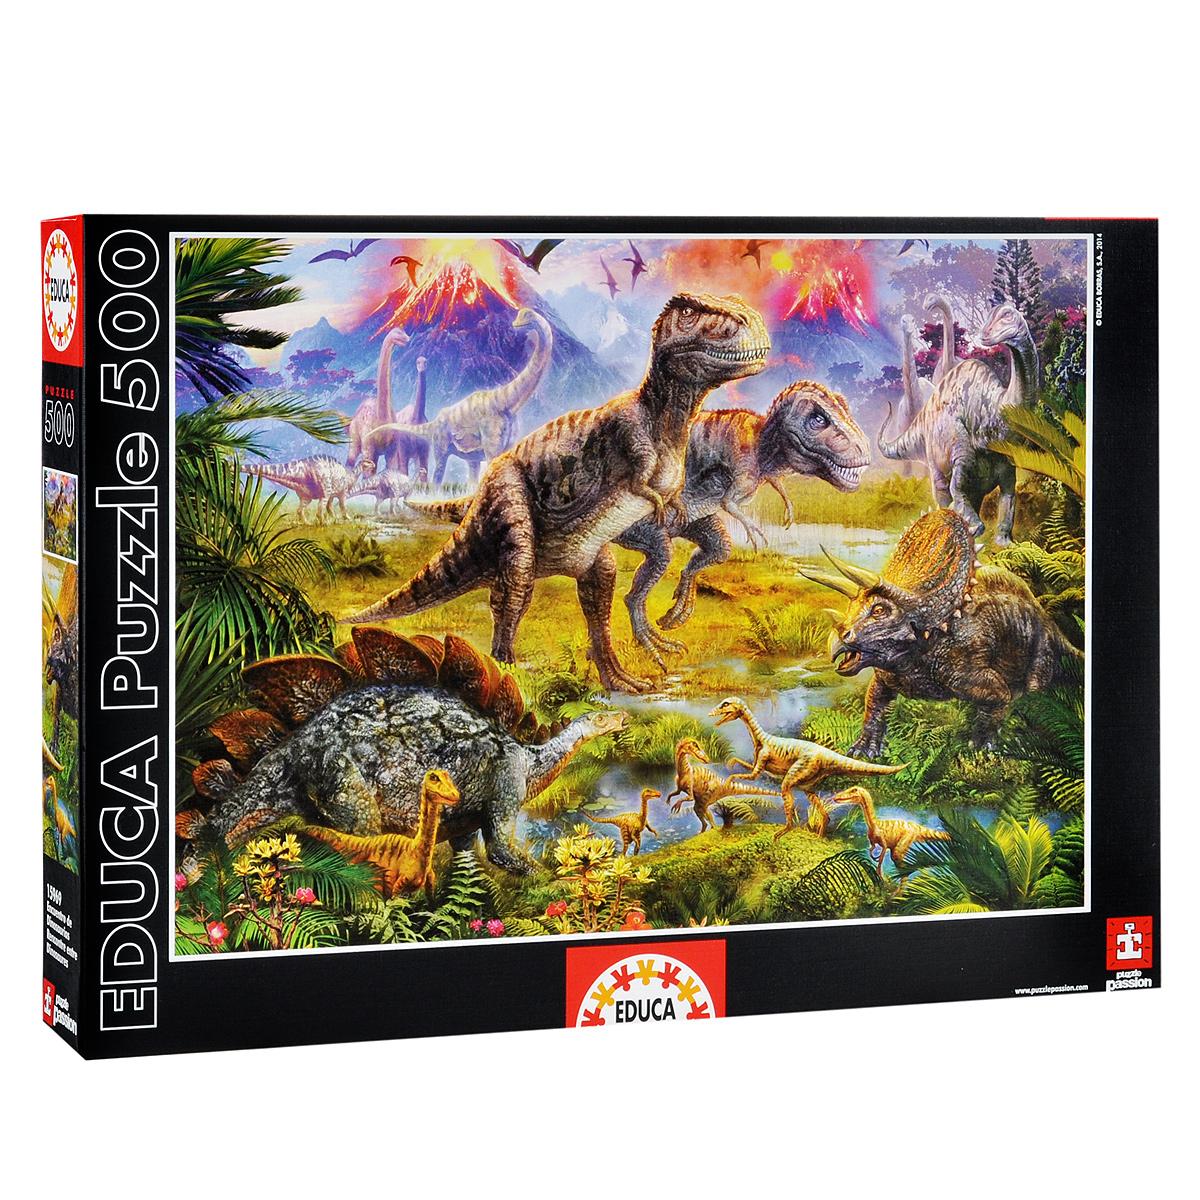 Встреча динозавров. Пазл, 500 элементов